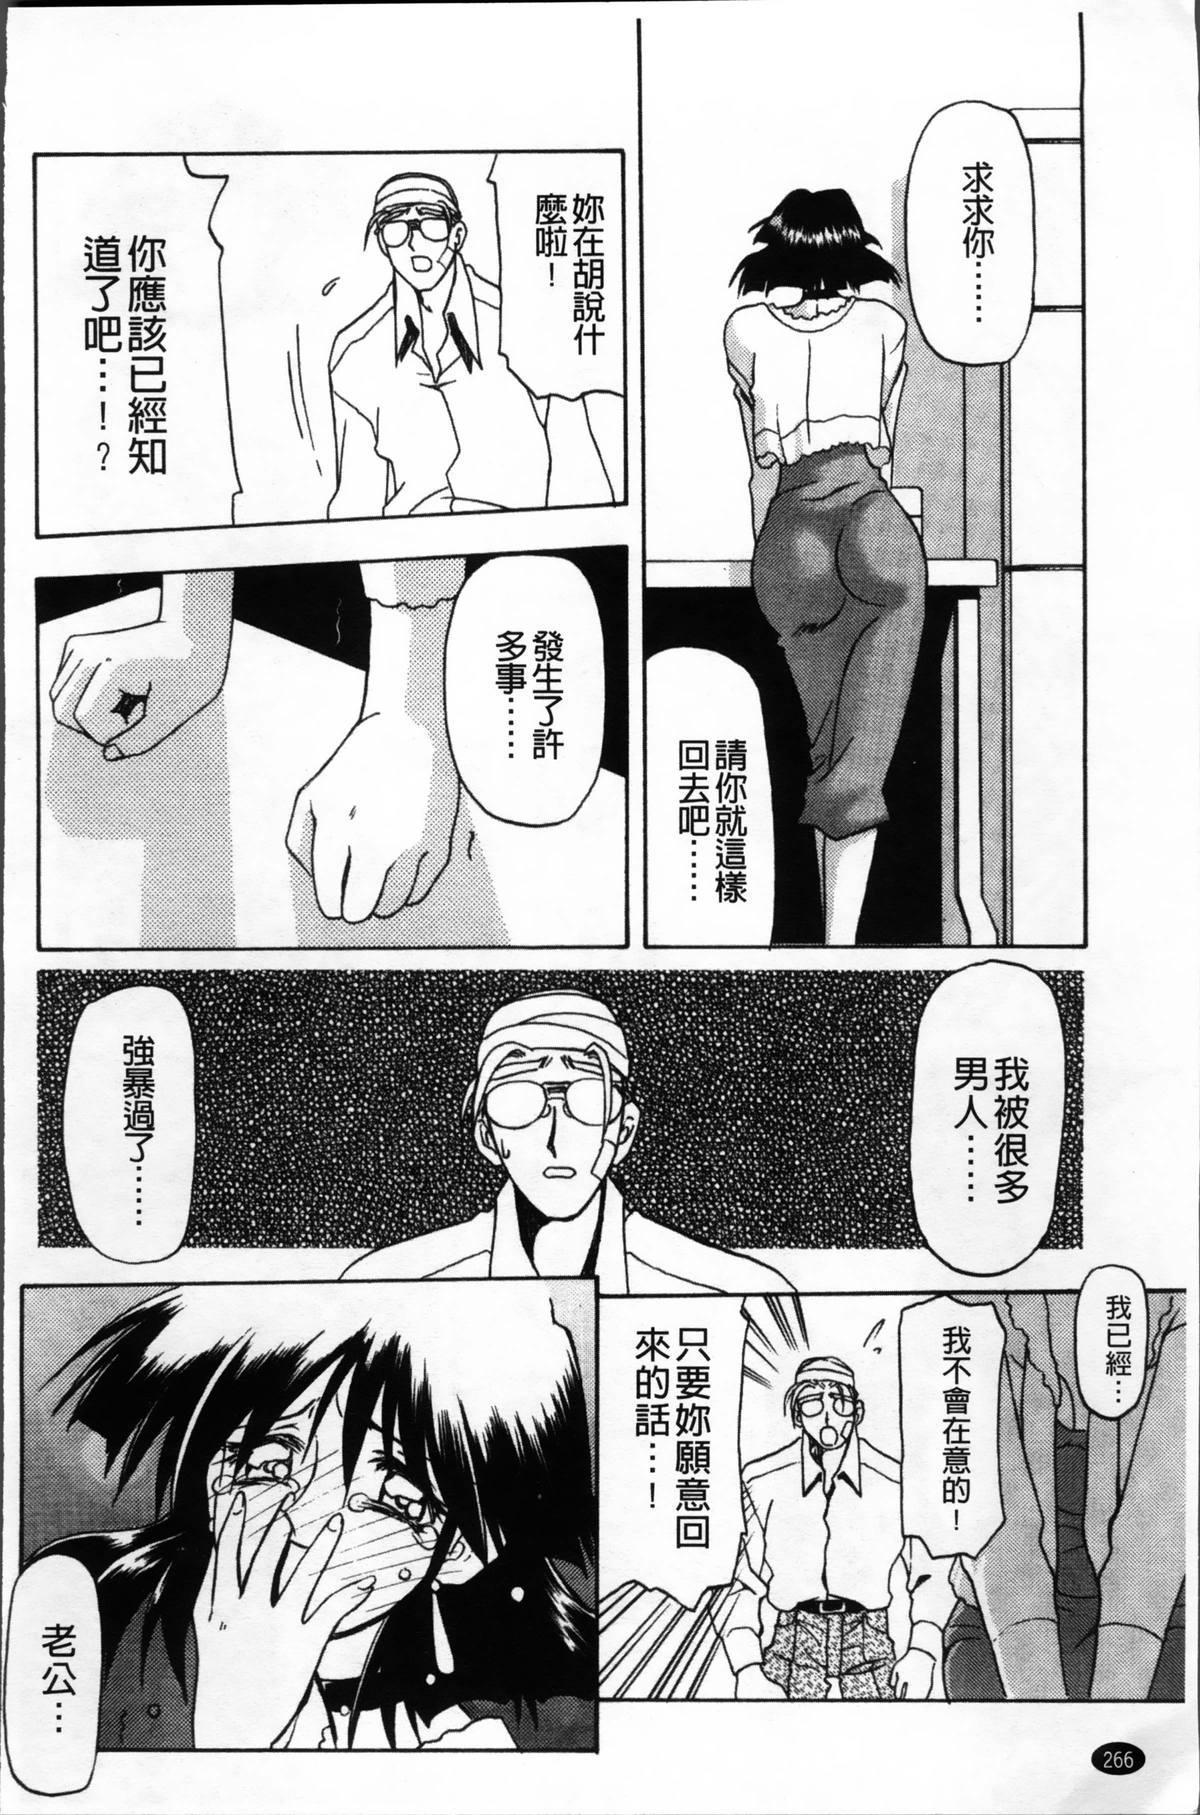 Hiiro no Koku Kanzenban   緋色之刻 完全版 269